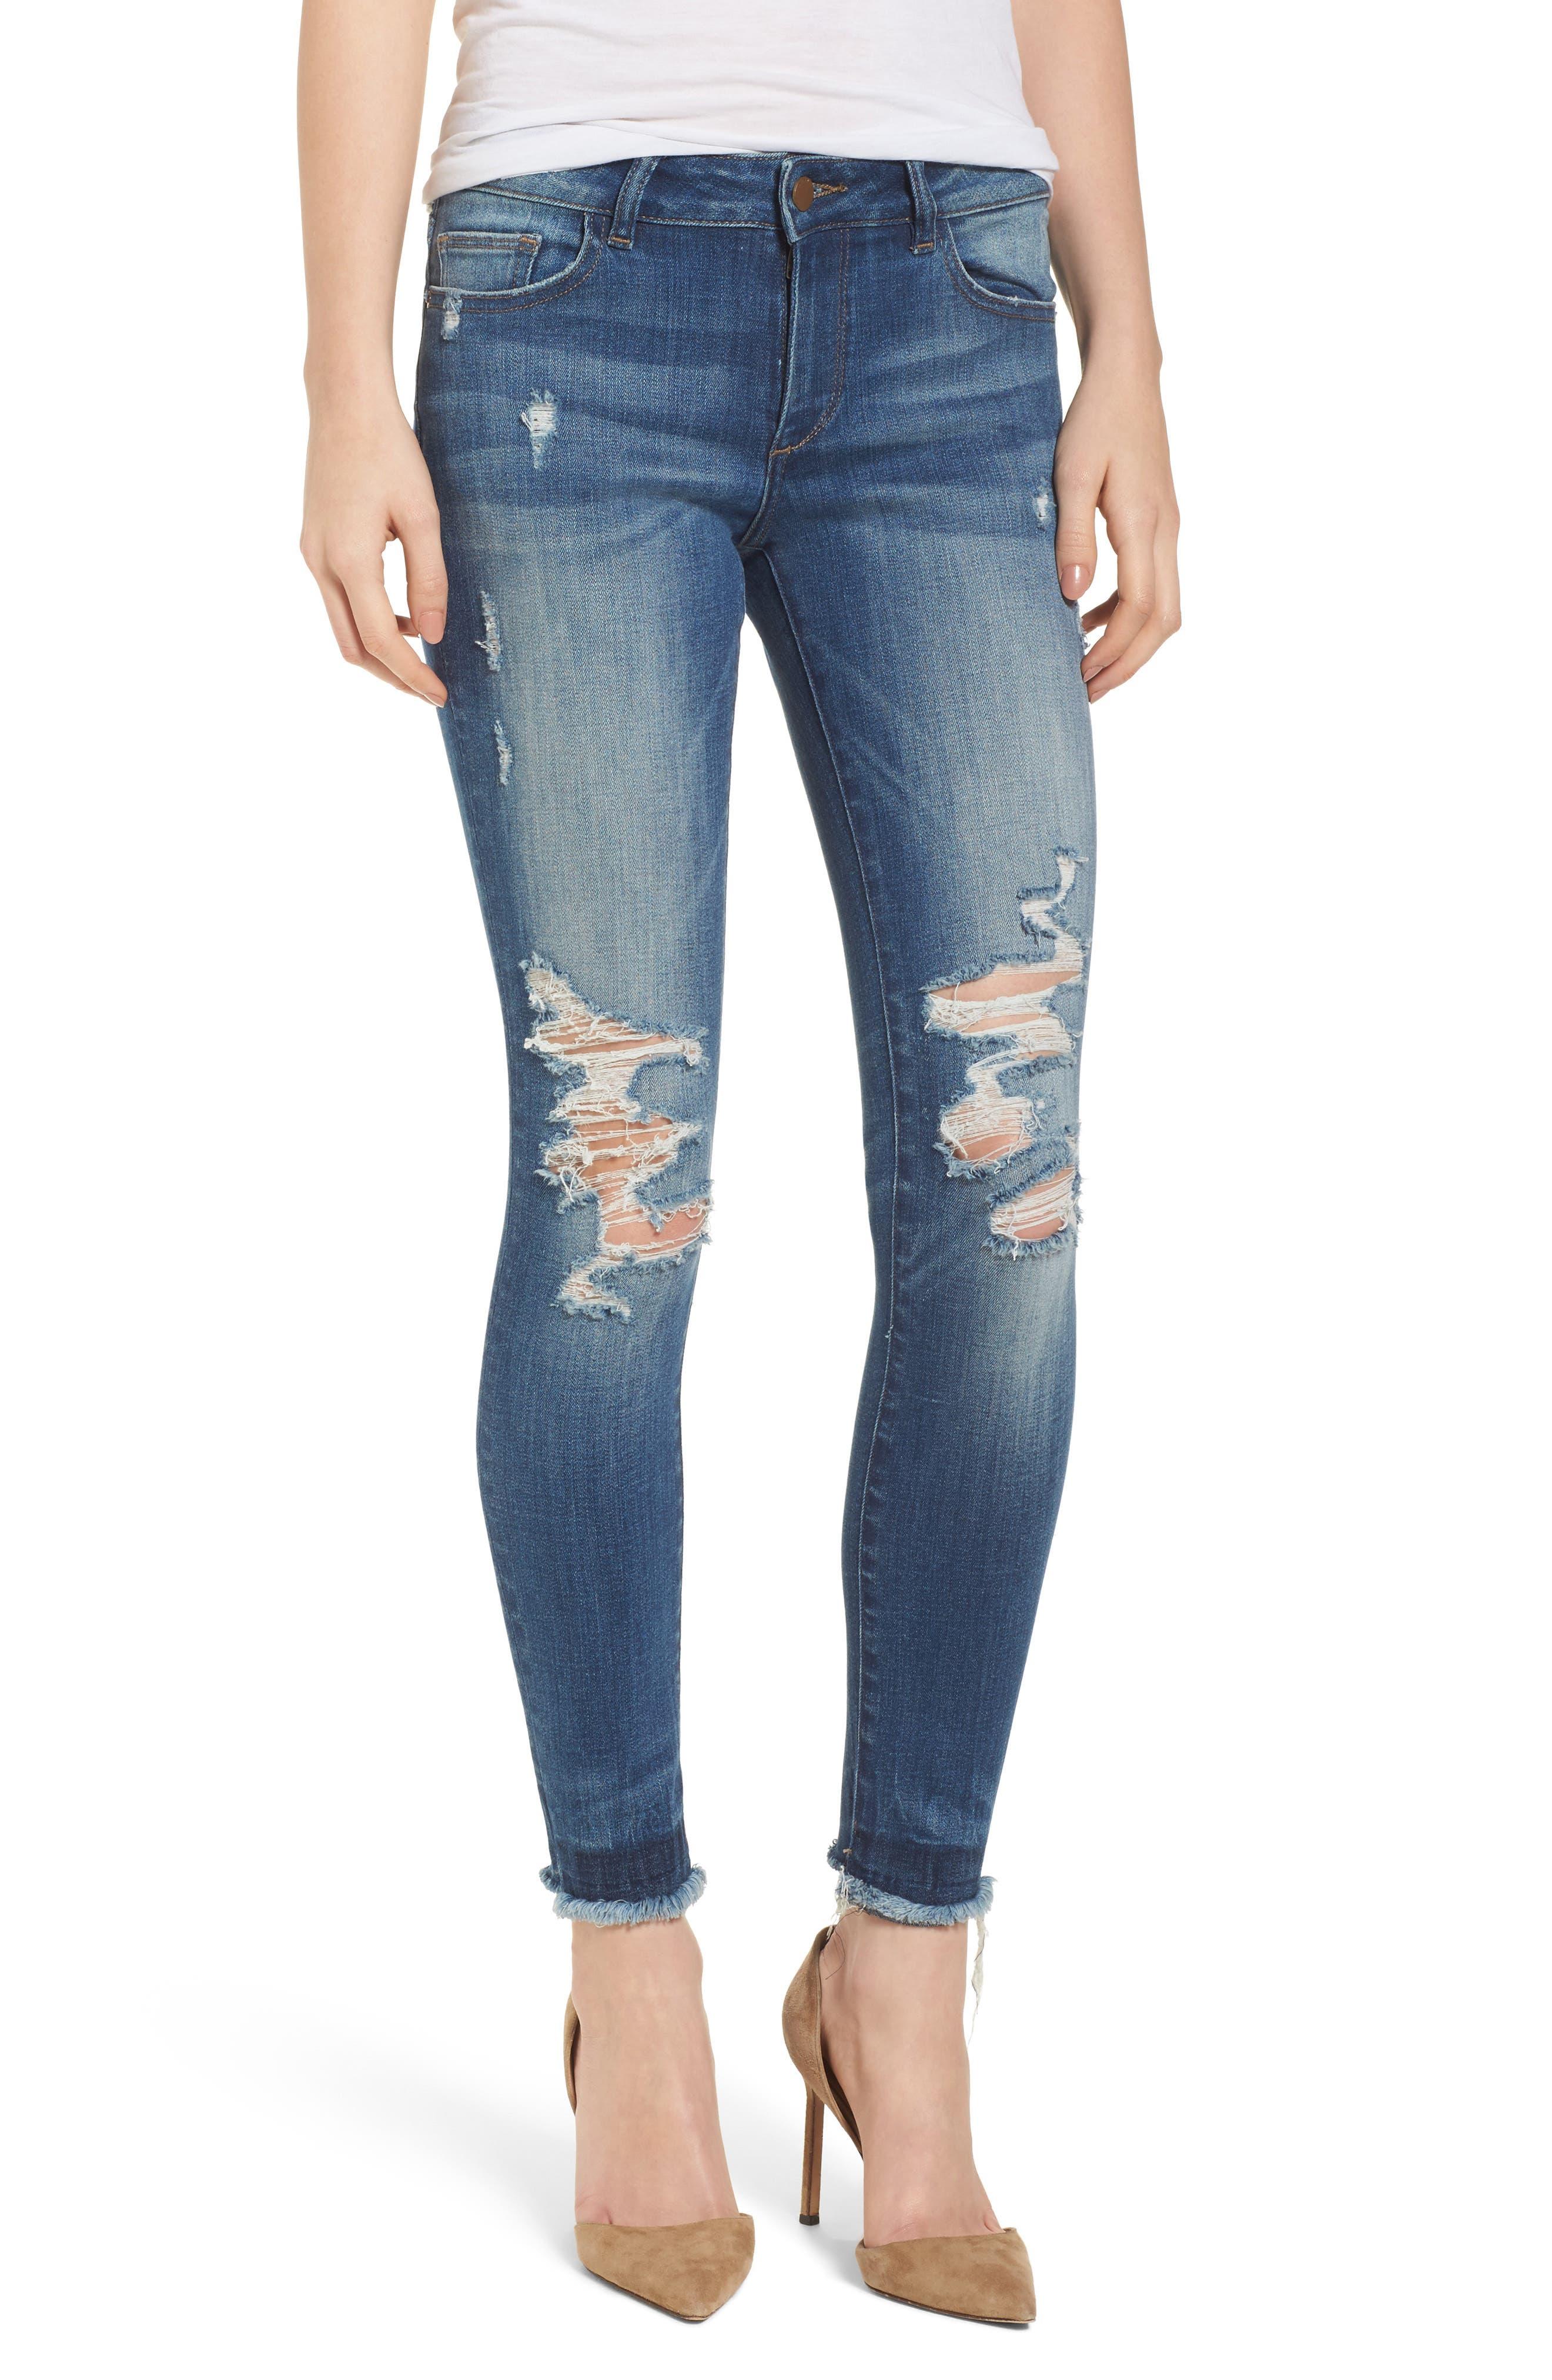 DL1961 Emma Power Legging Jeans (Westwood)